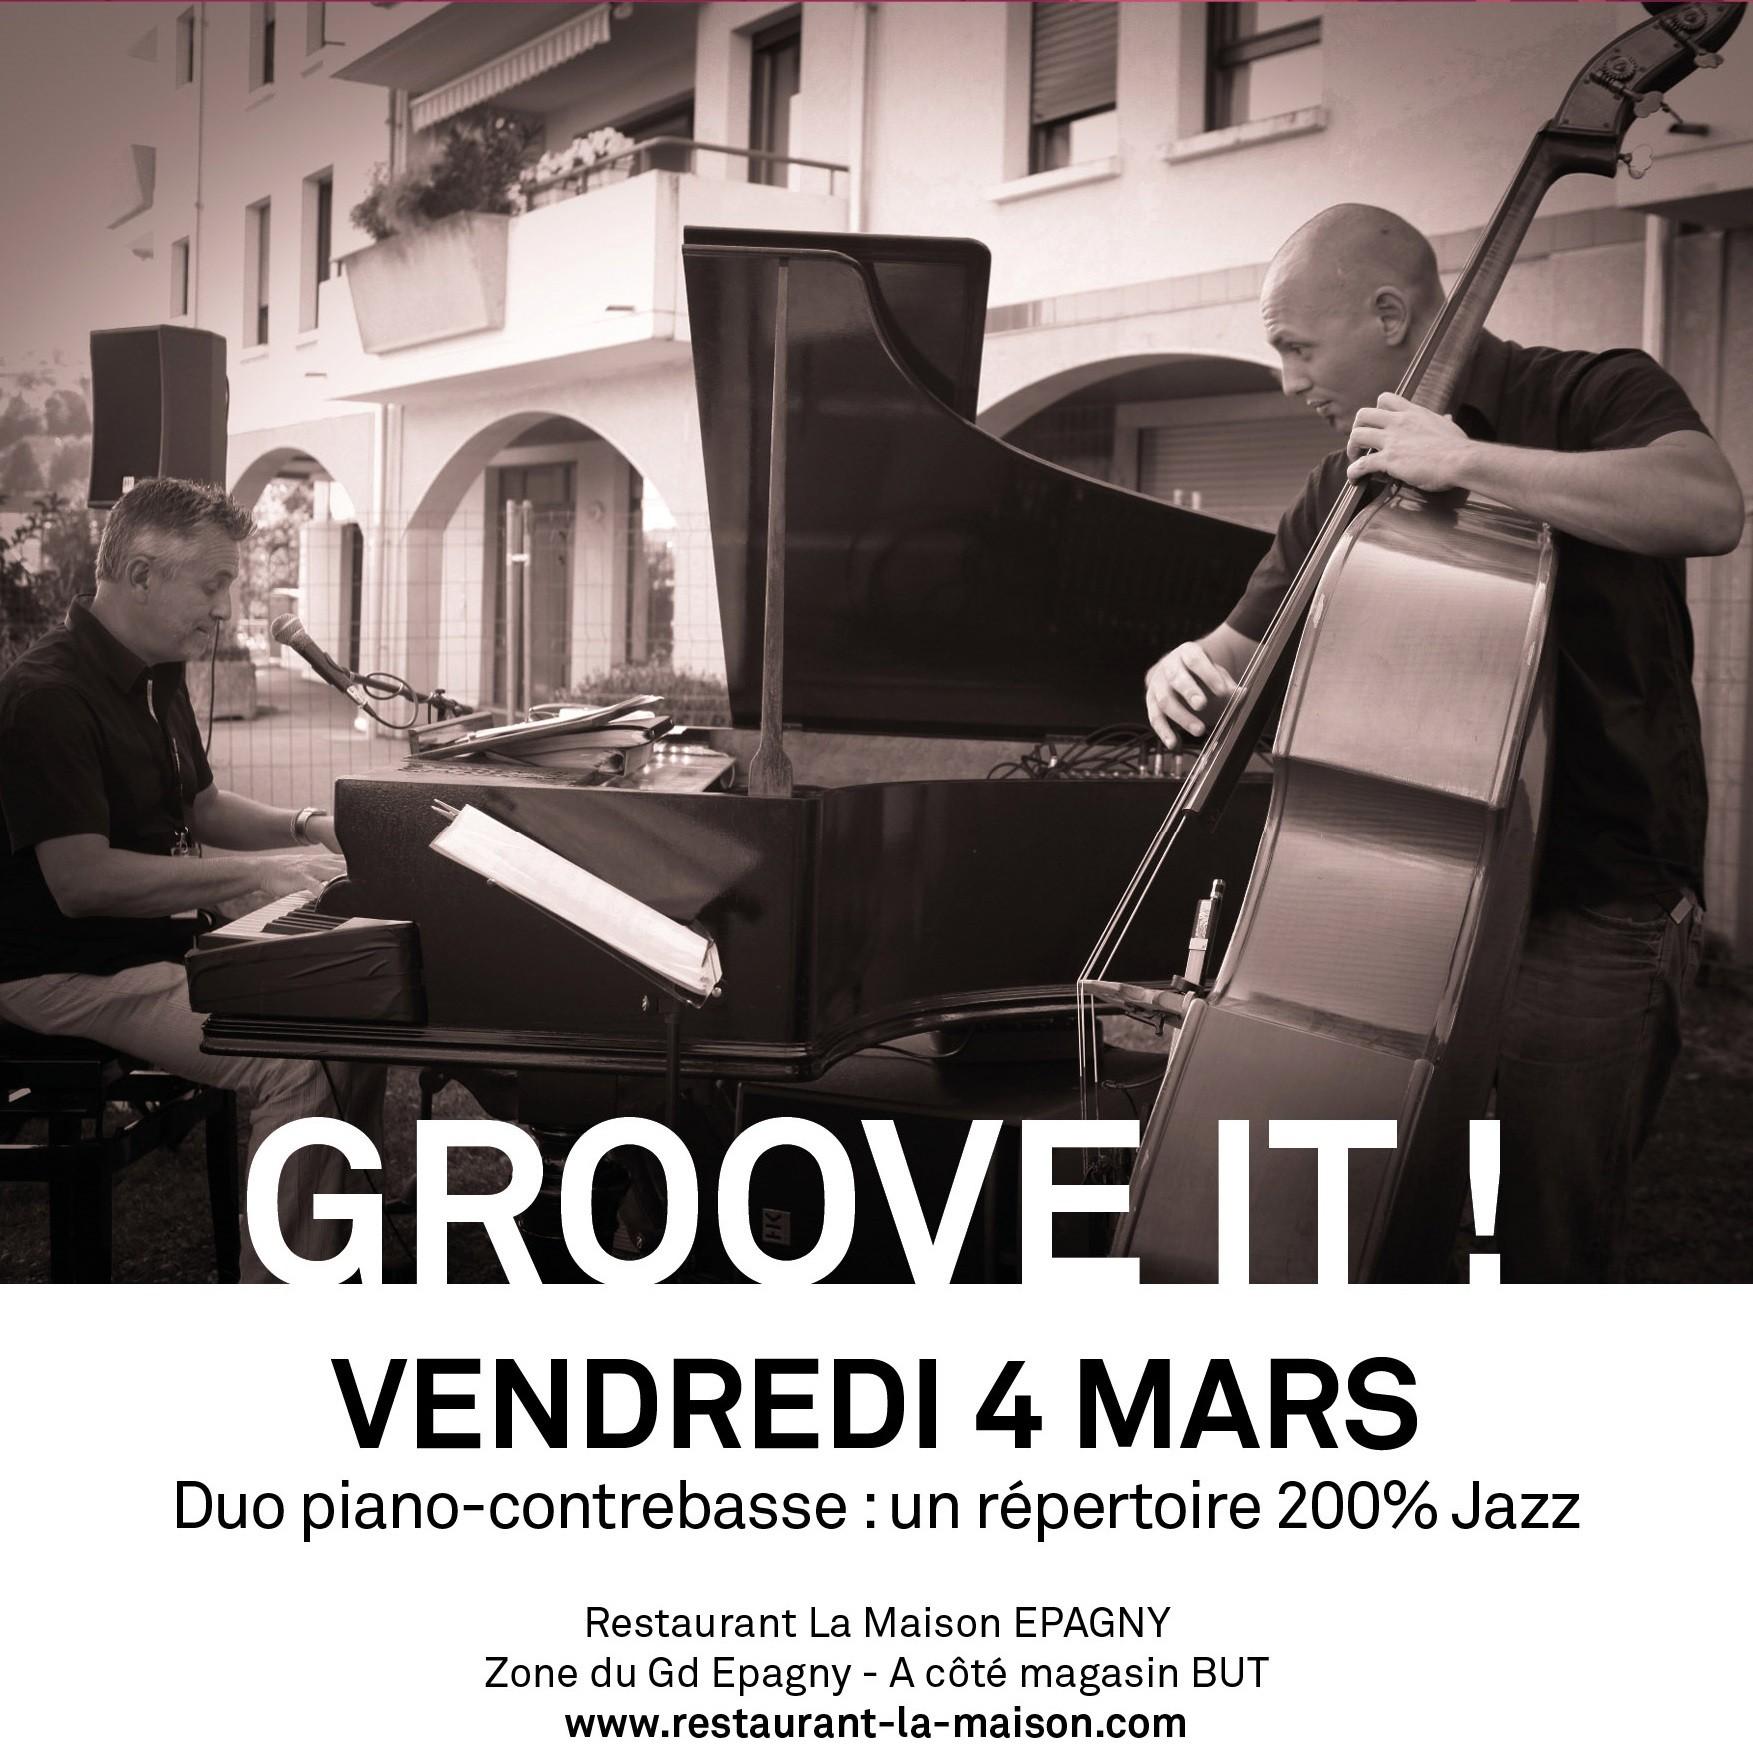 Concert de Groove It !